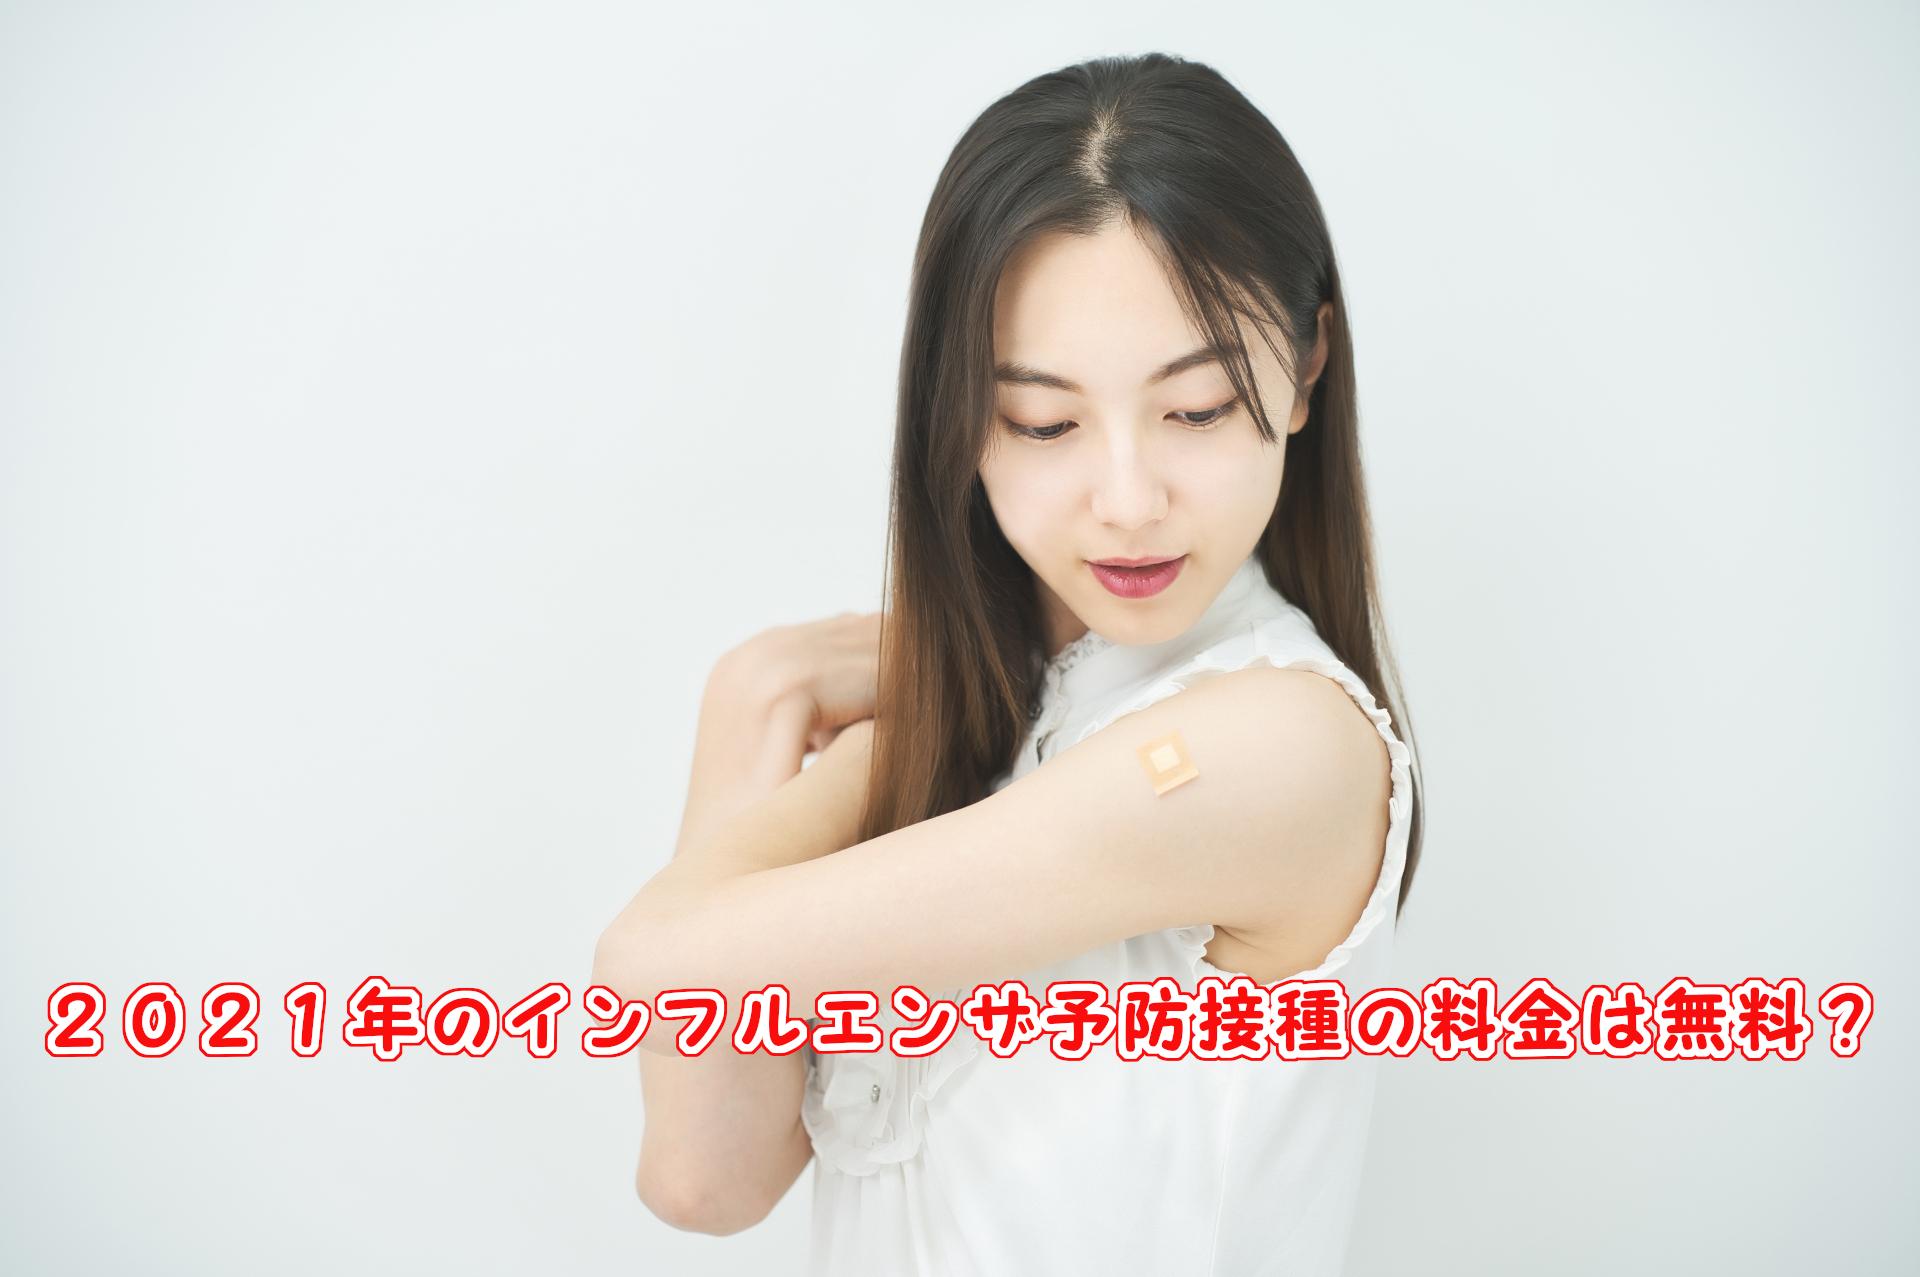 インフルエンザ予防接種の料金